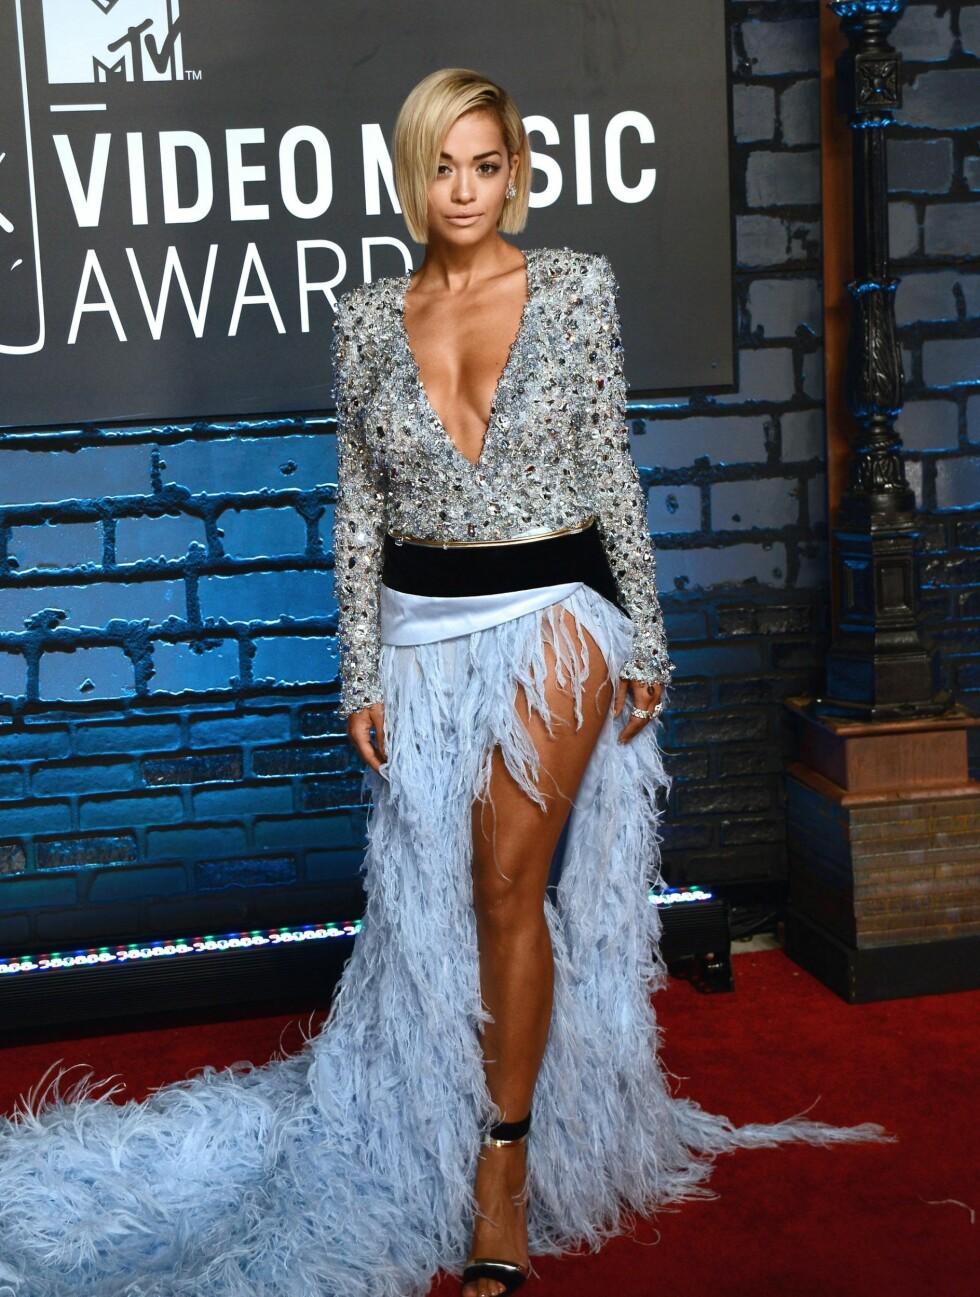 MTV MUSIC VIDEO AWARDS 2013: Sangfuglen Rita Ora viste både kløft og bein i sin Alexandre Vauthier Couture-kreasjon. Foto: REX/Henry Lamb/Photowire/BEI/All Over Press